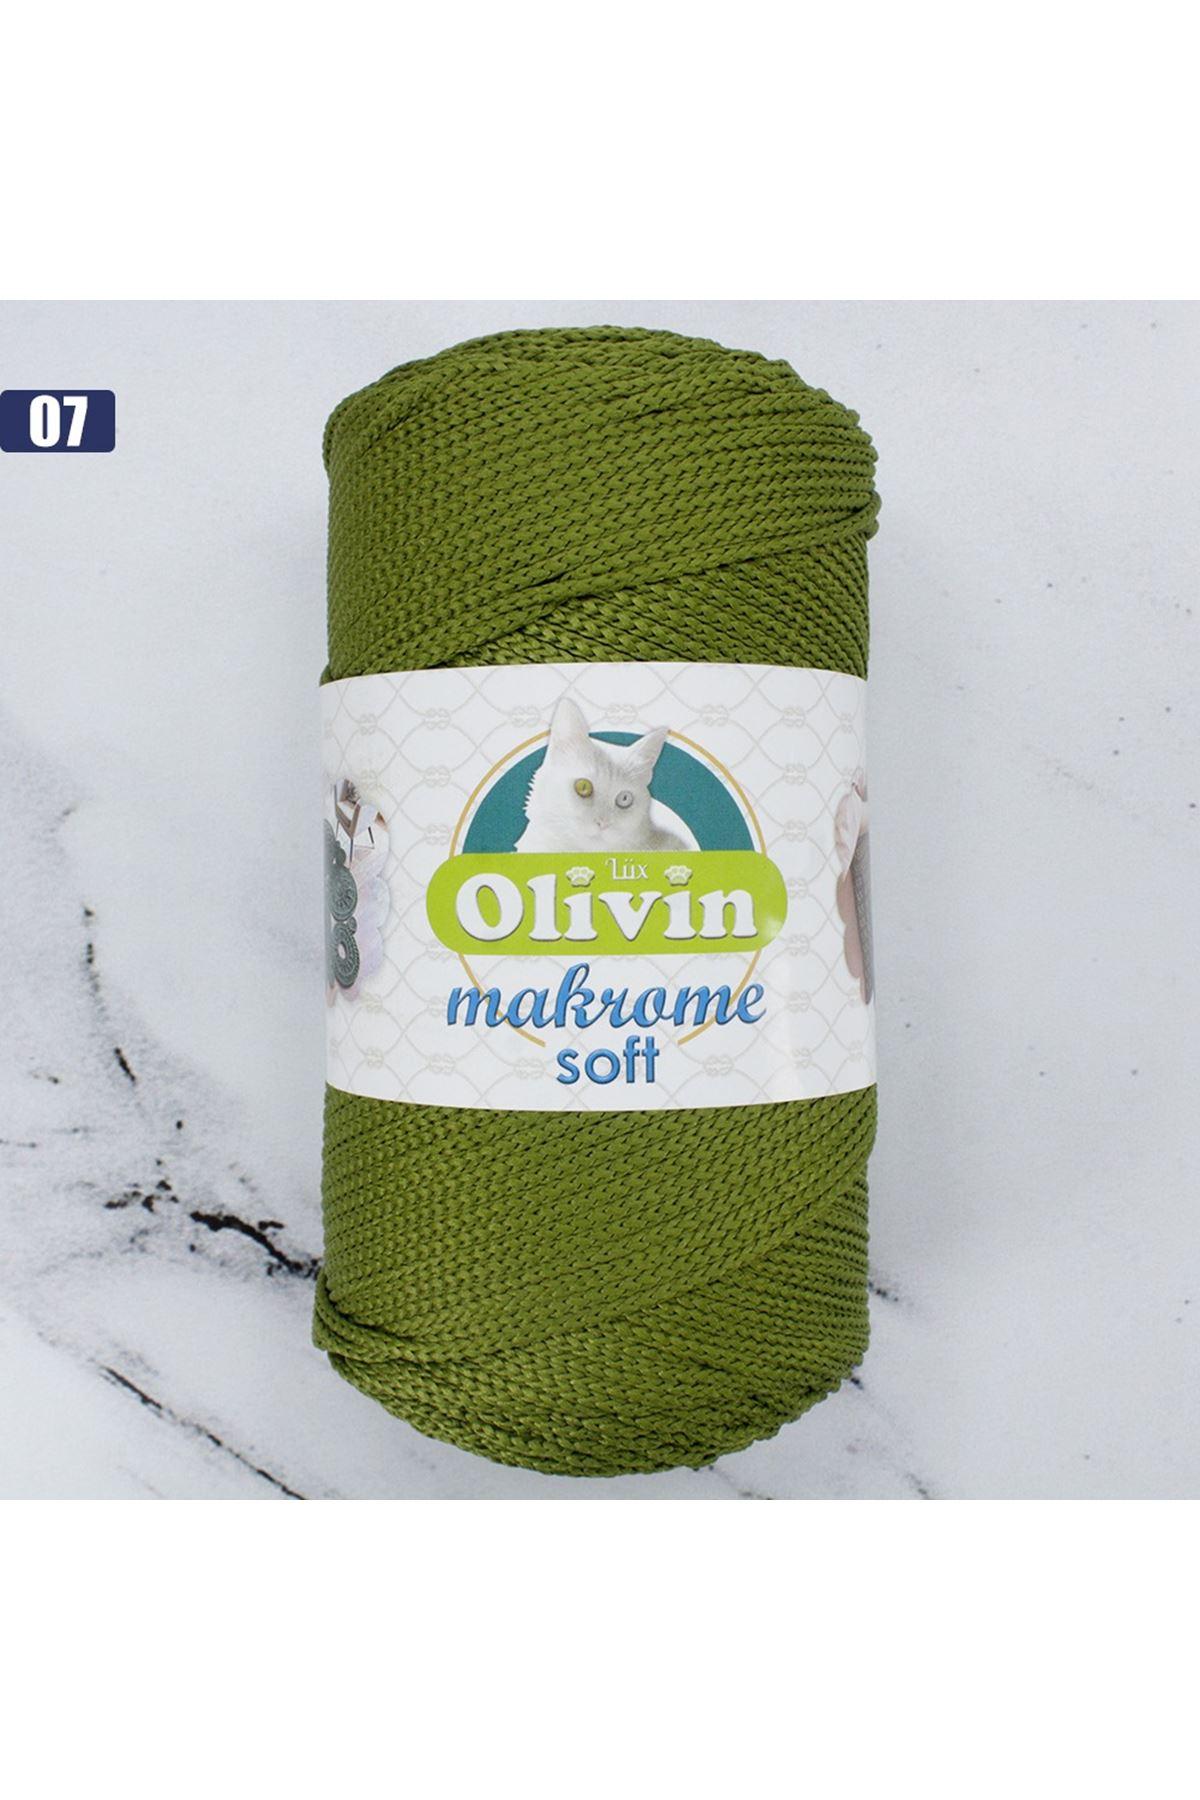 Olivin Makrome Soft 07